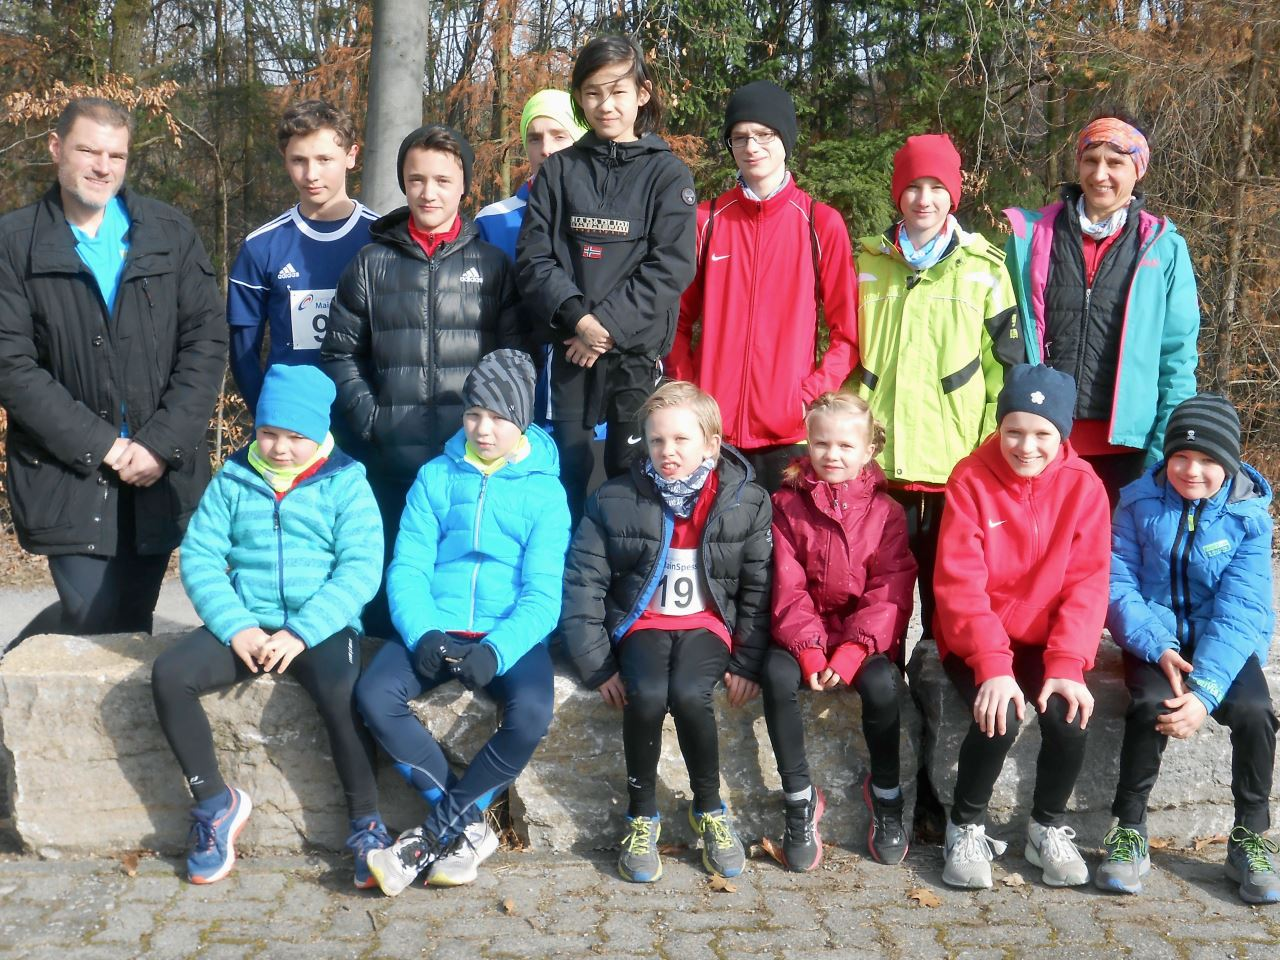 TV Schweinheim Leichtathletik beim 3. Lauf des Cross-Cups 2019 in Haibach